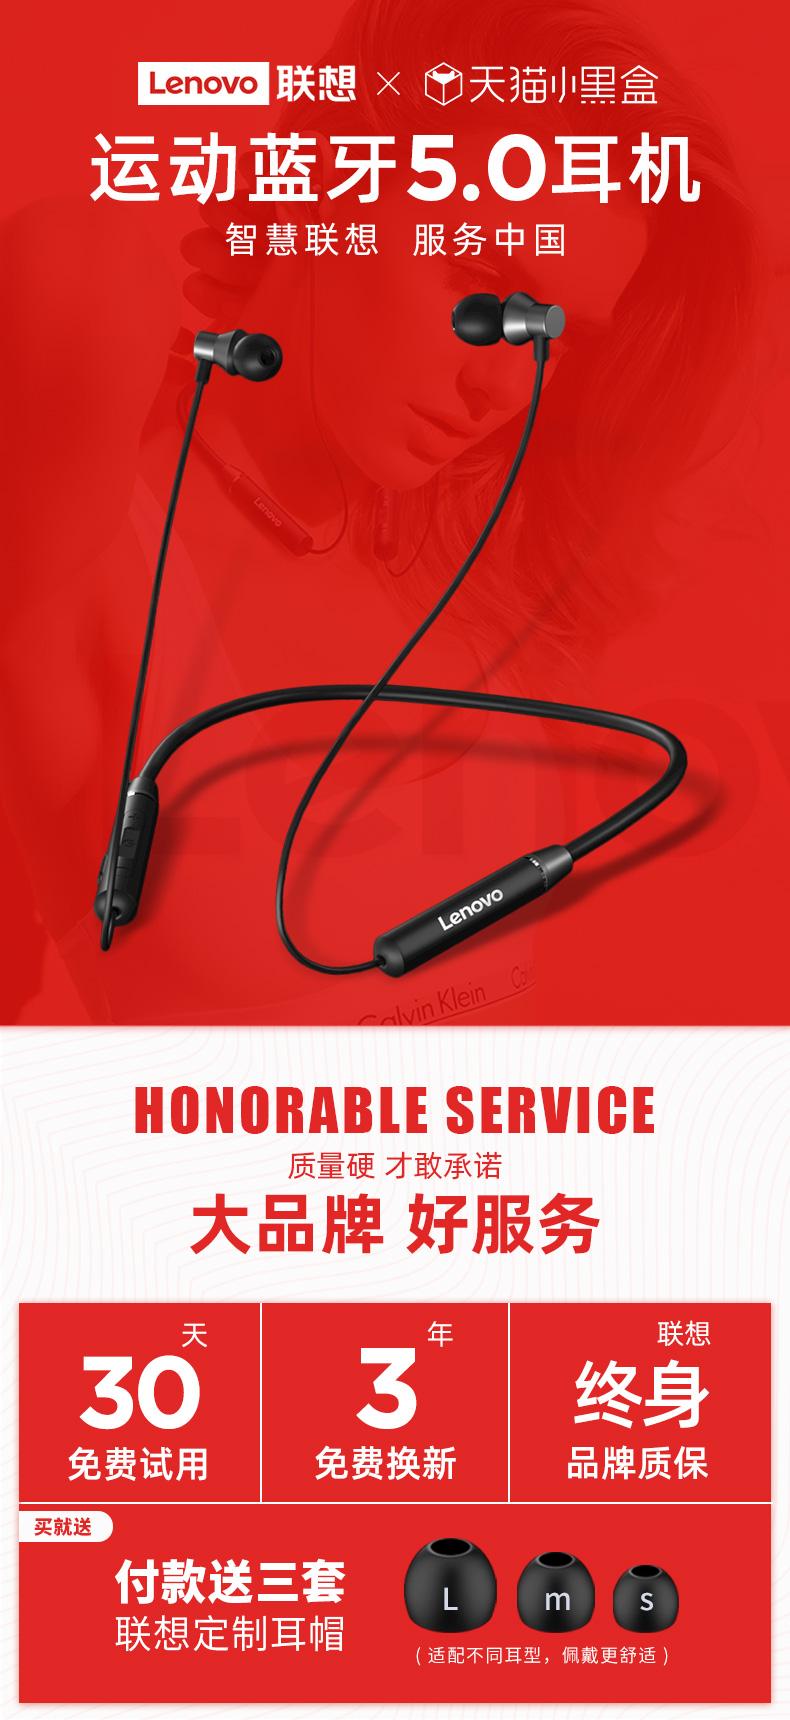 联想天猫黑盒联手出品 颈挂式运动蓝牙耳机 图1